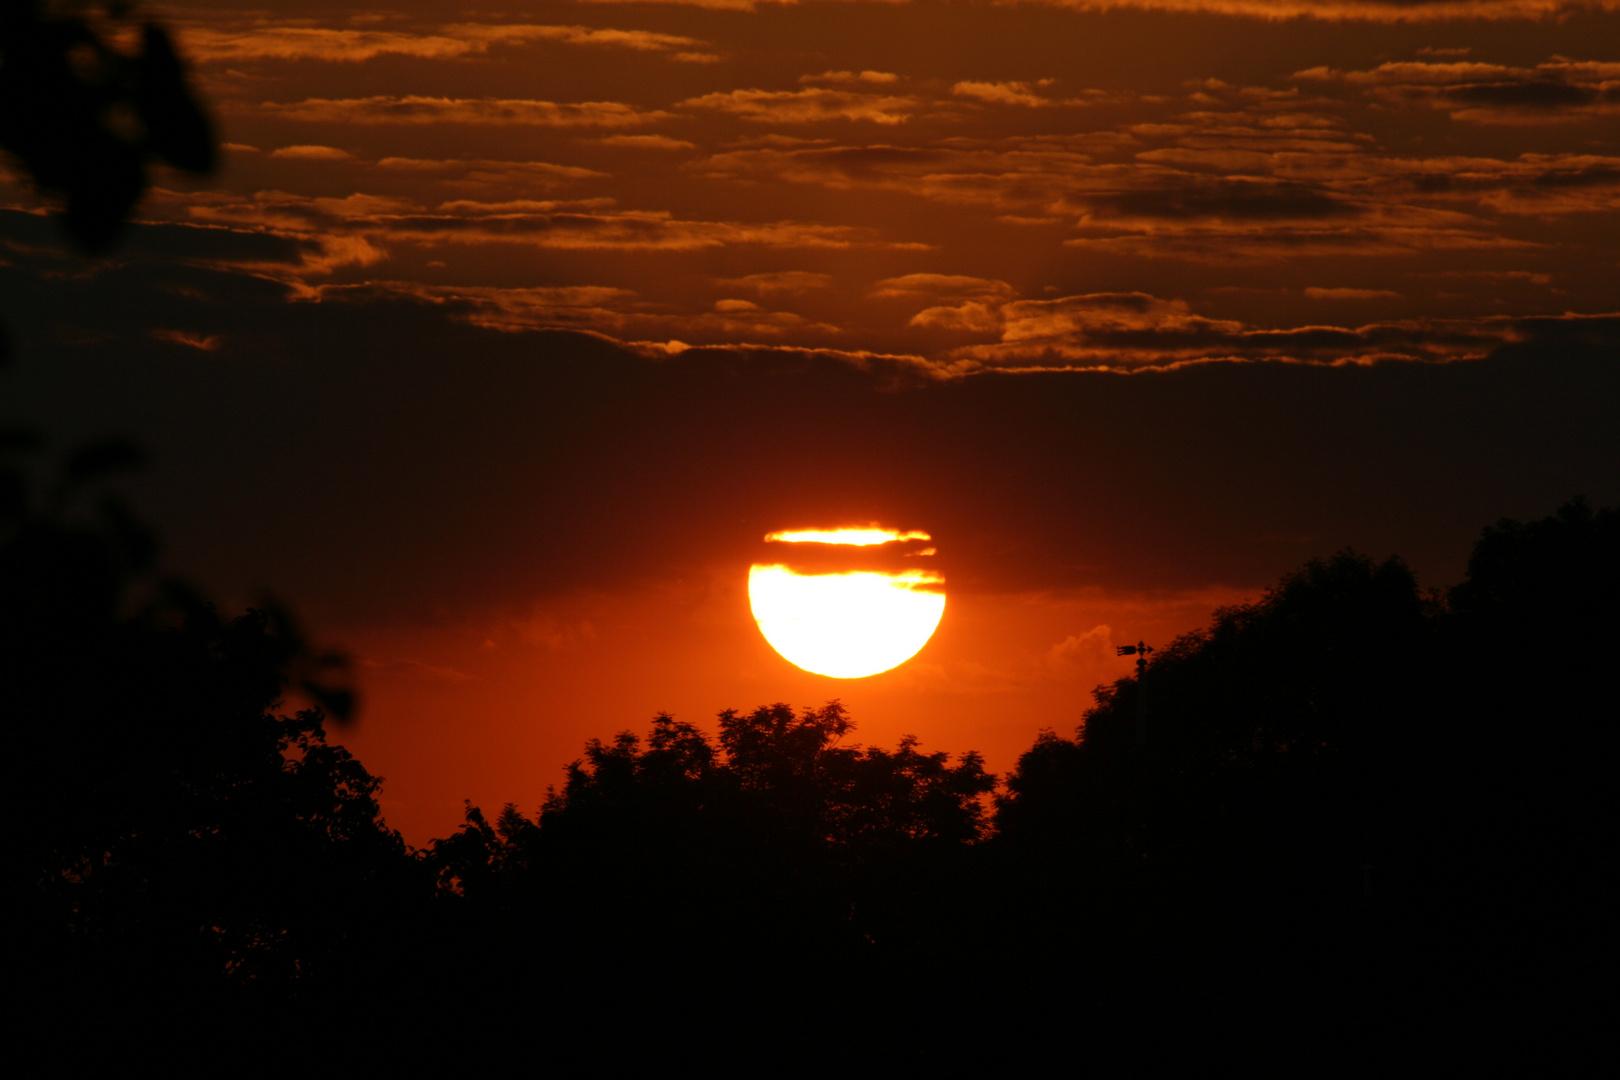 Sonnenuntergang - mein Erster